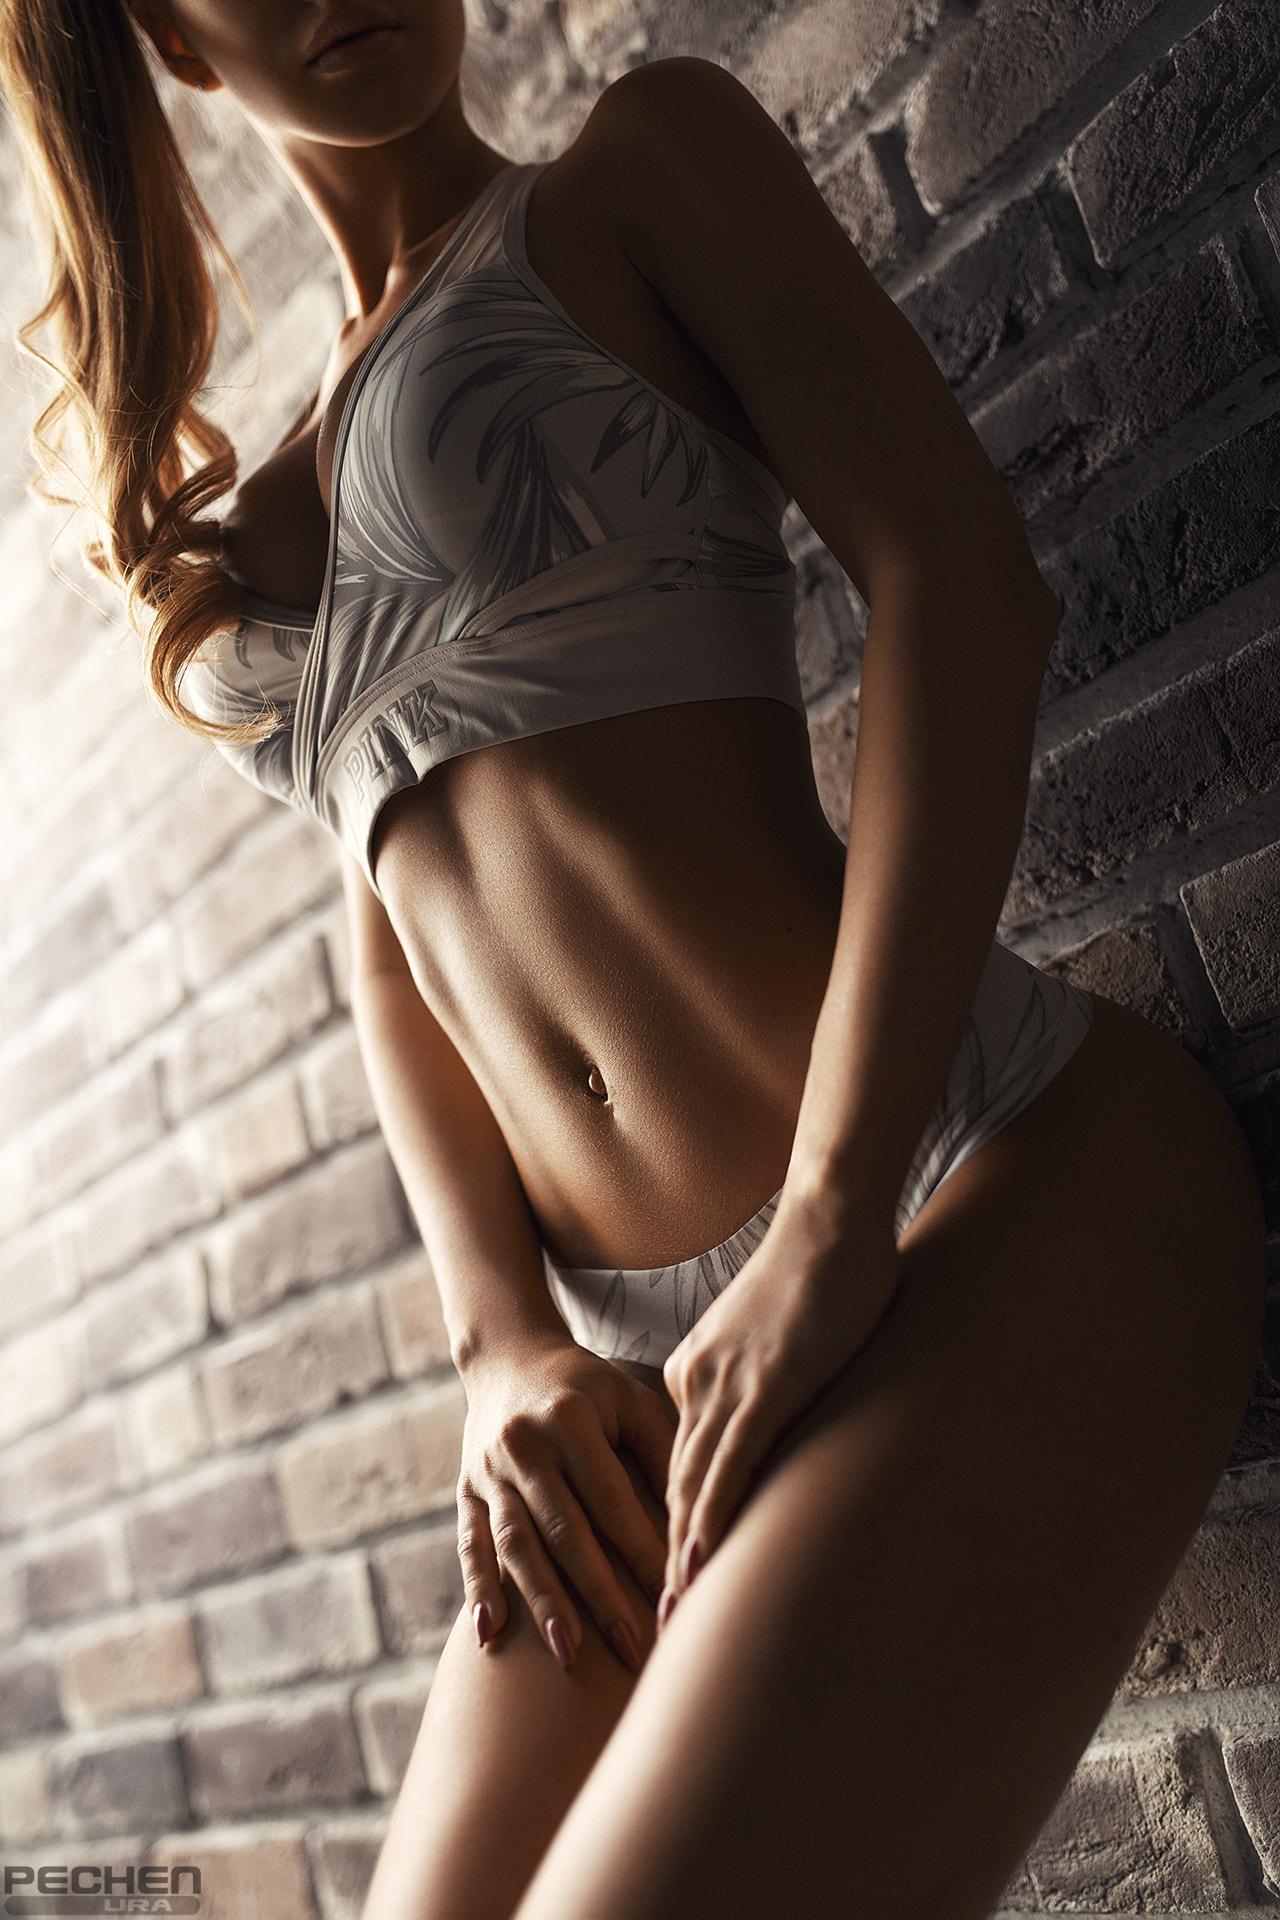 Картинки стройных голых девушек — 4